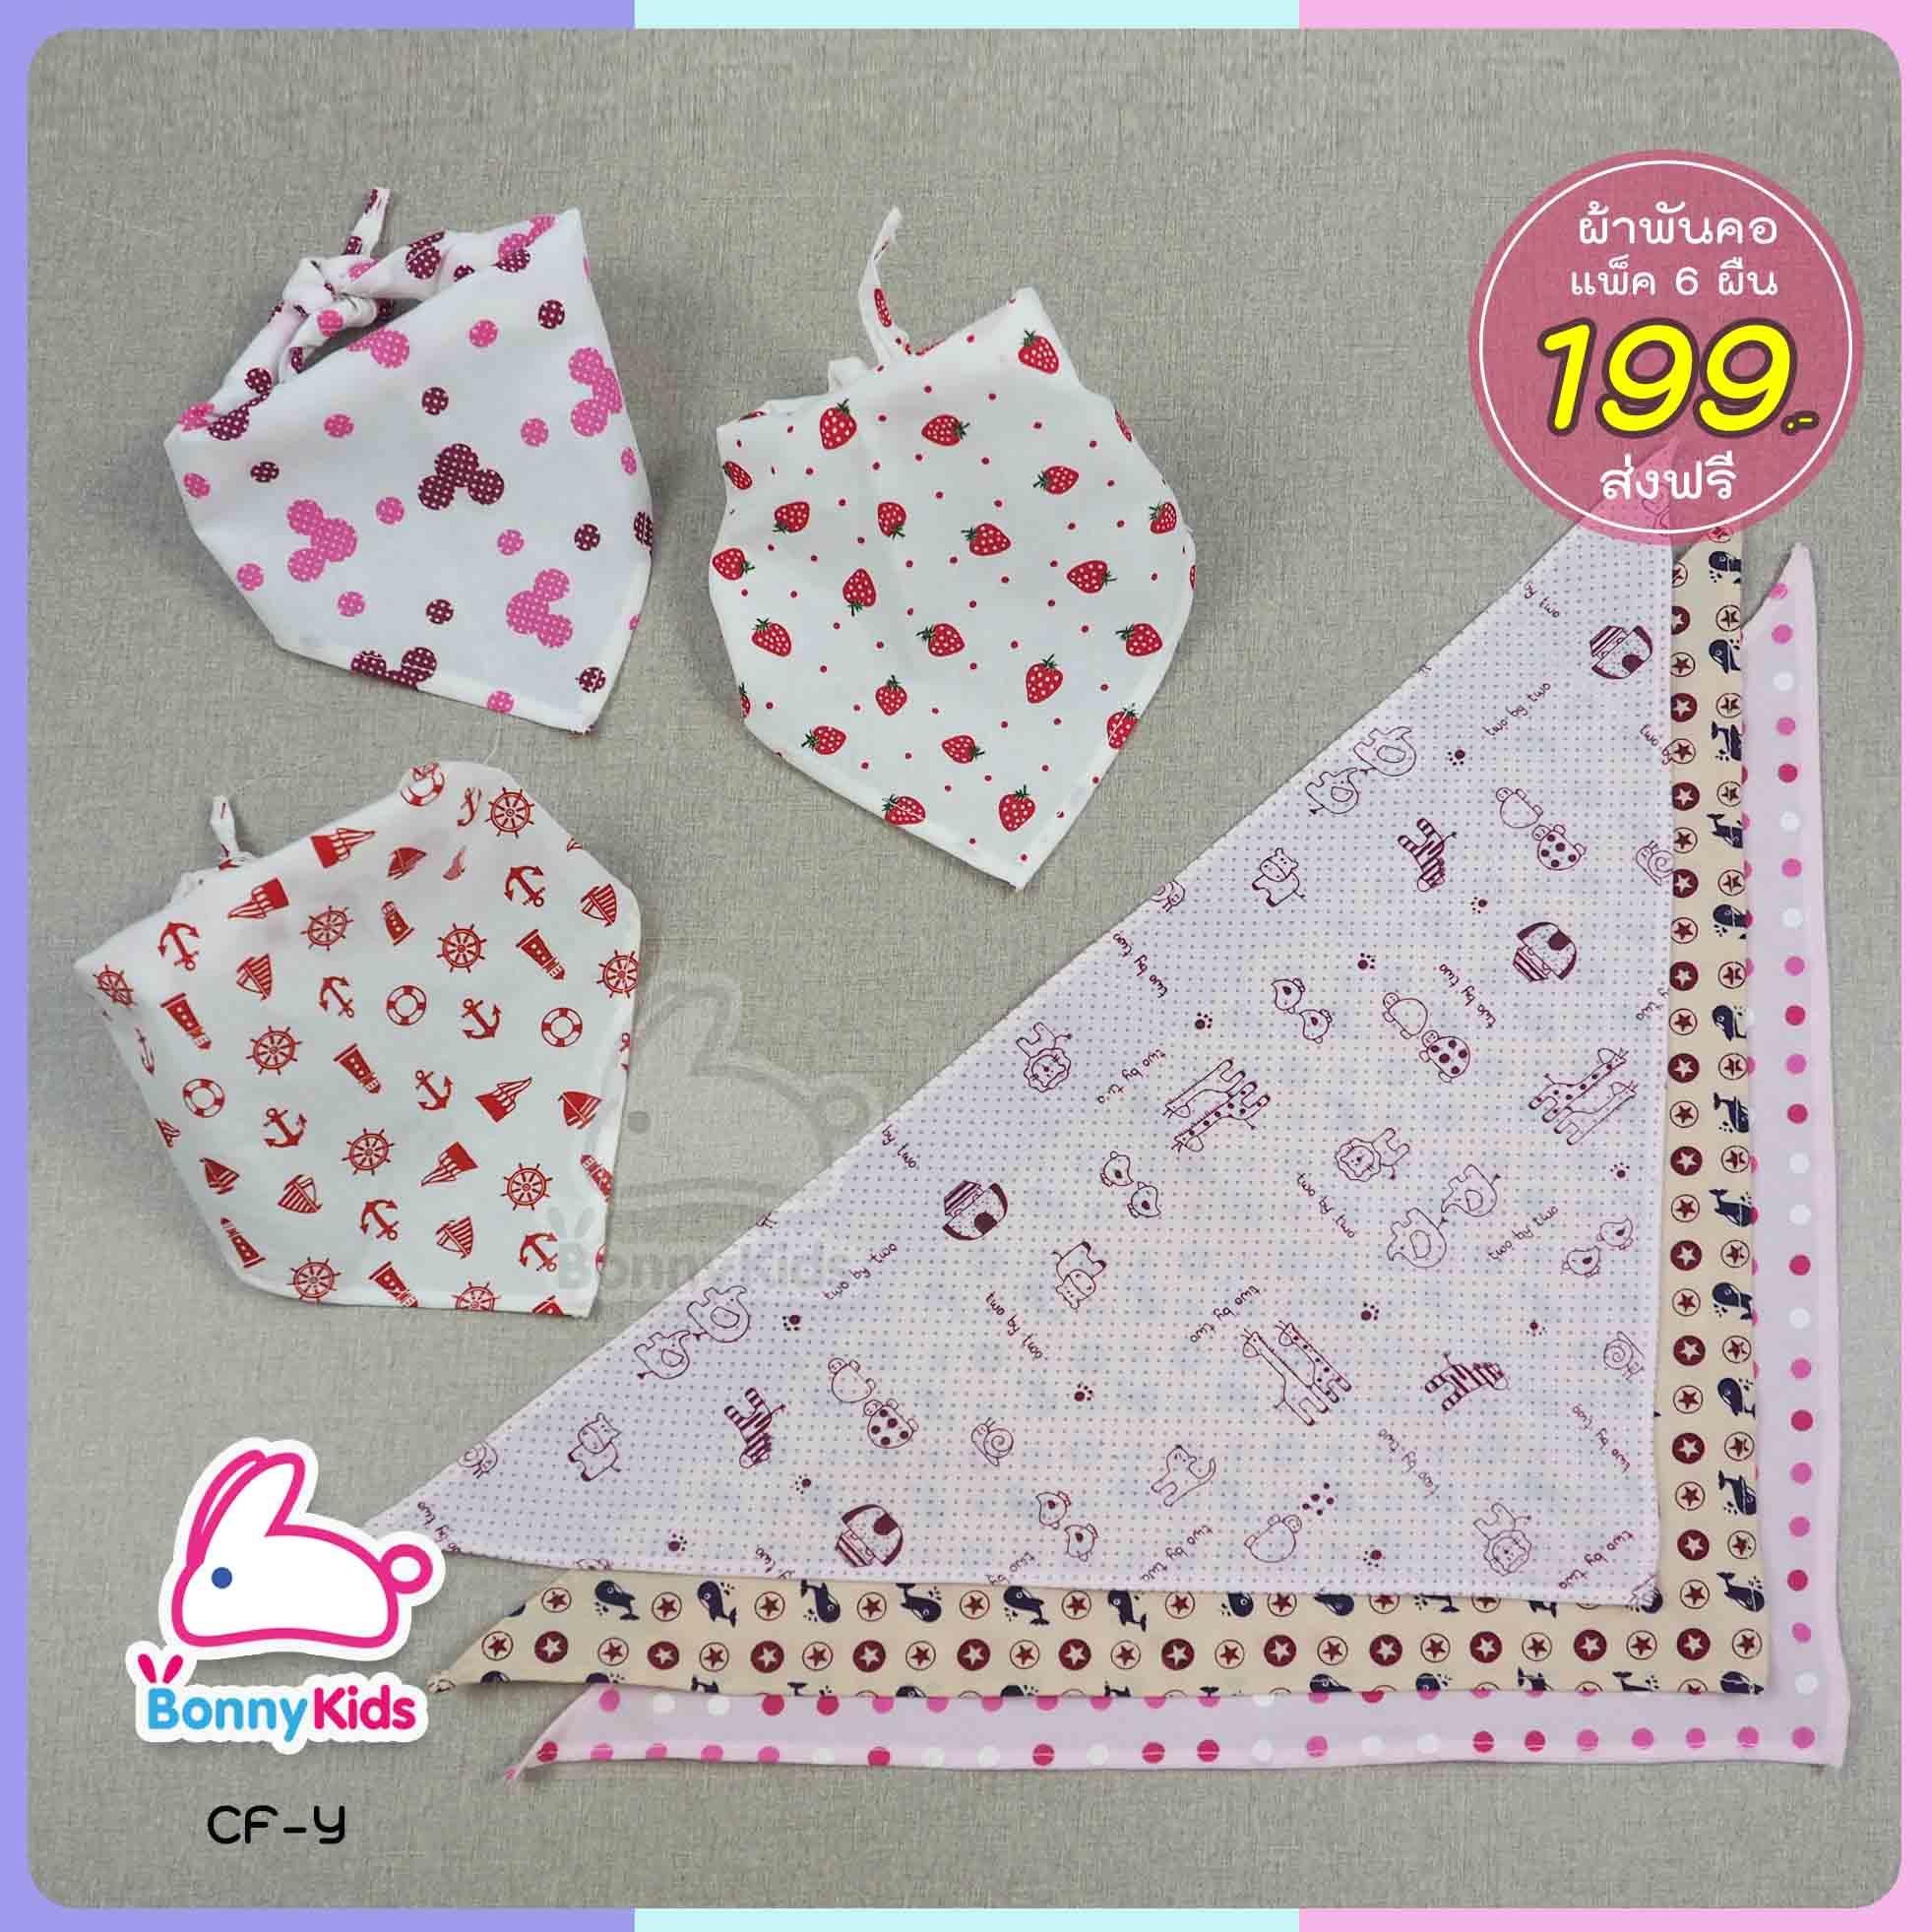 ผ้าพันคอเด็กอ่อนสามเหลี่ยม อเนกประสงค์แสนน่ารัก โทนสีเด็กหญิง แพ็ค 6 ชิ้น ส่งฟรี ลทบ.